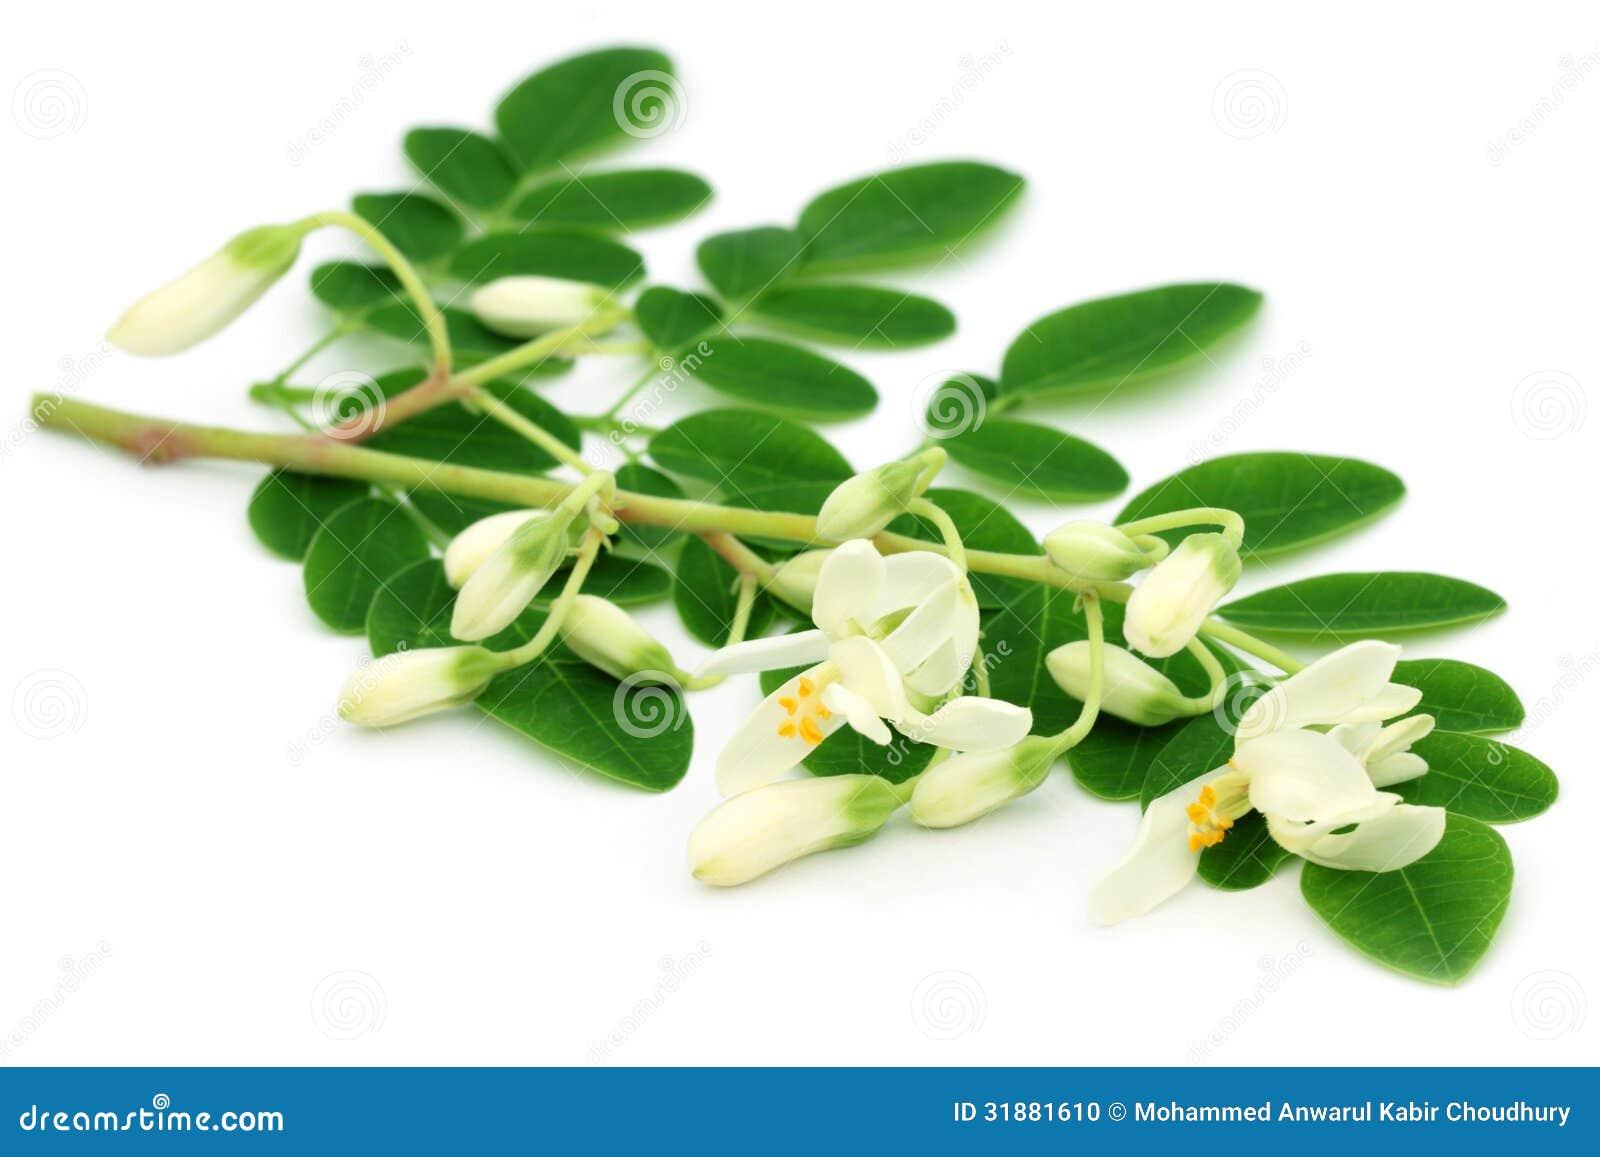 Eetbare moringa bladeren met bloem